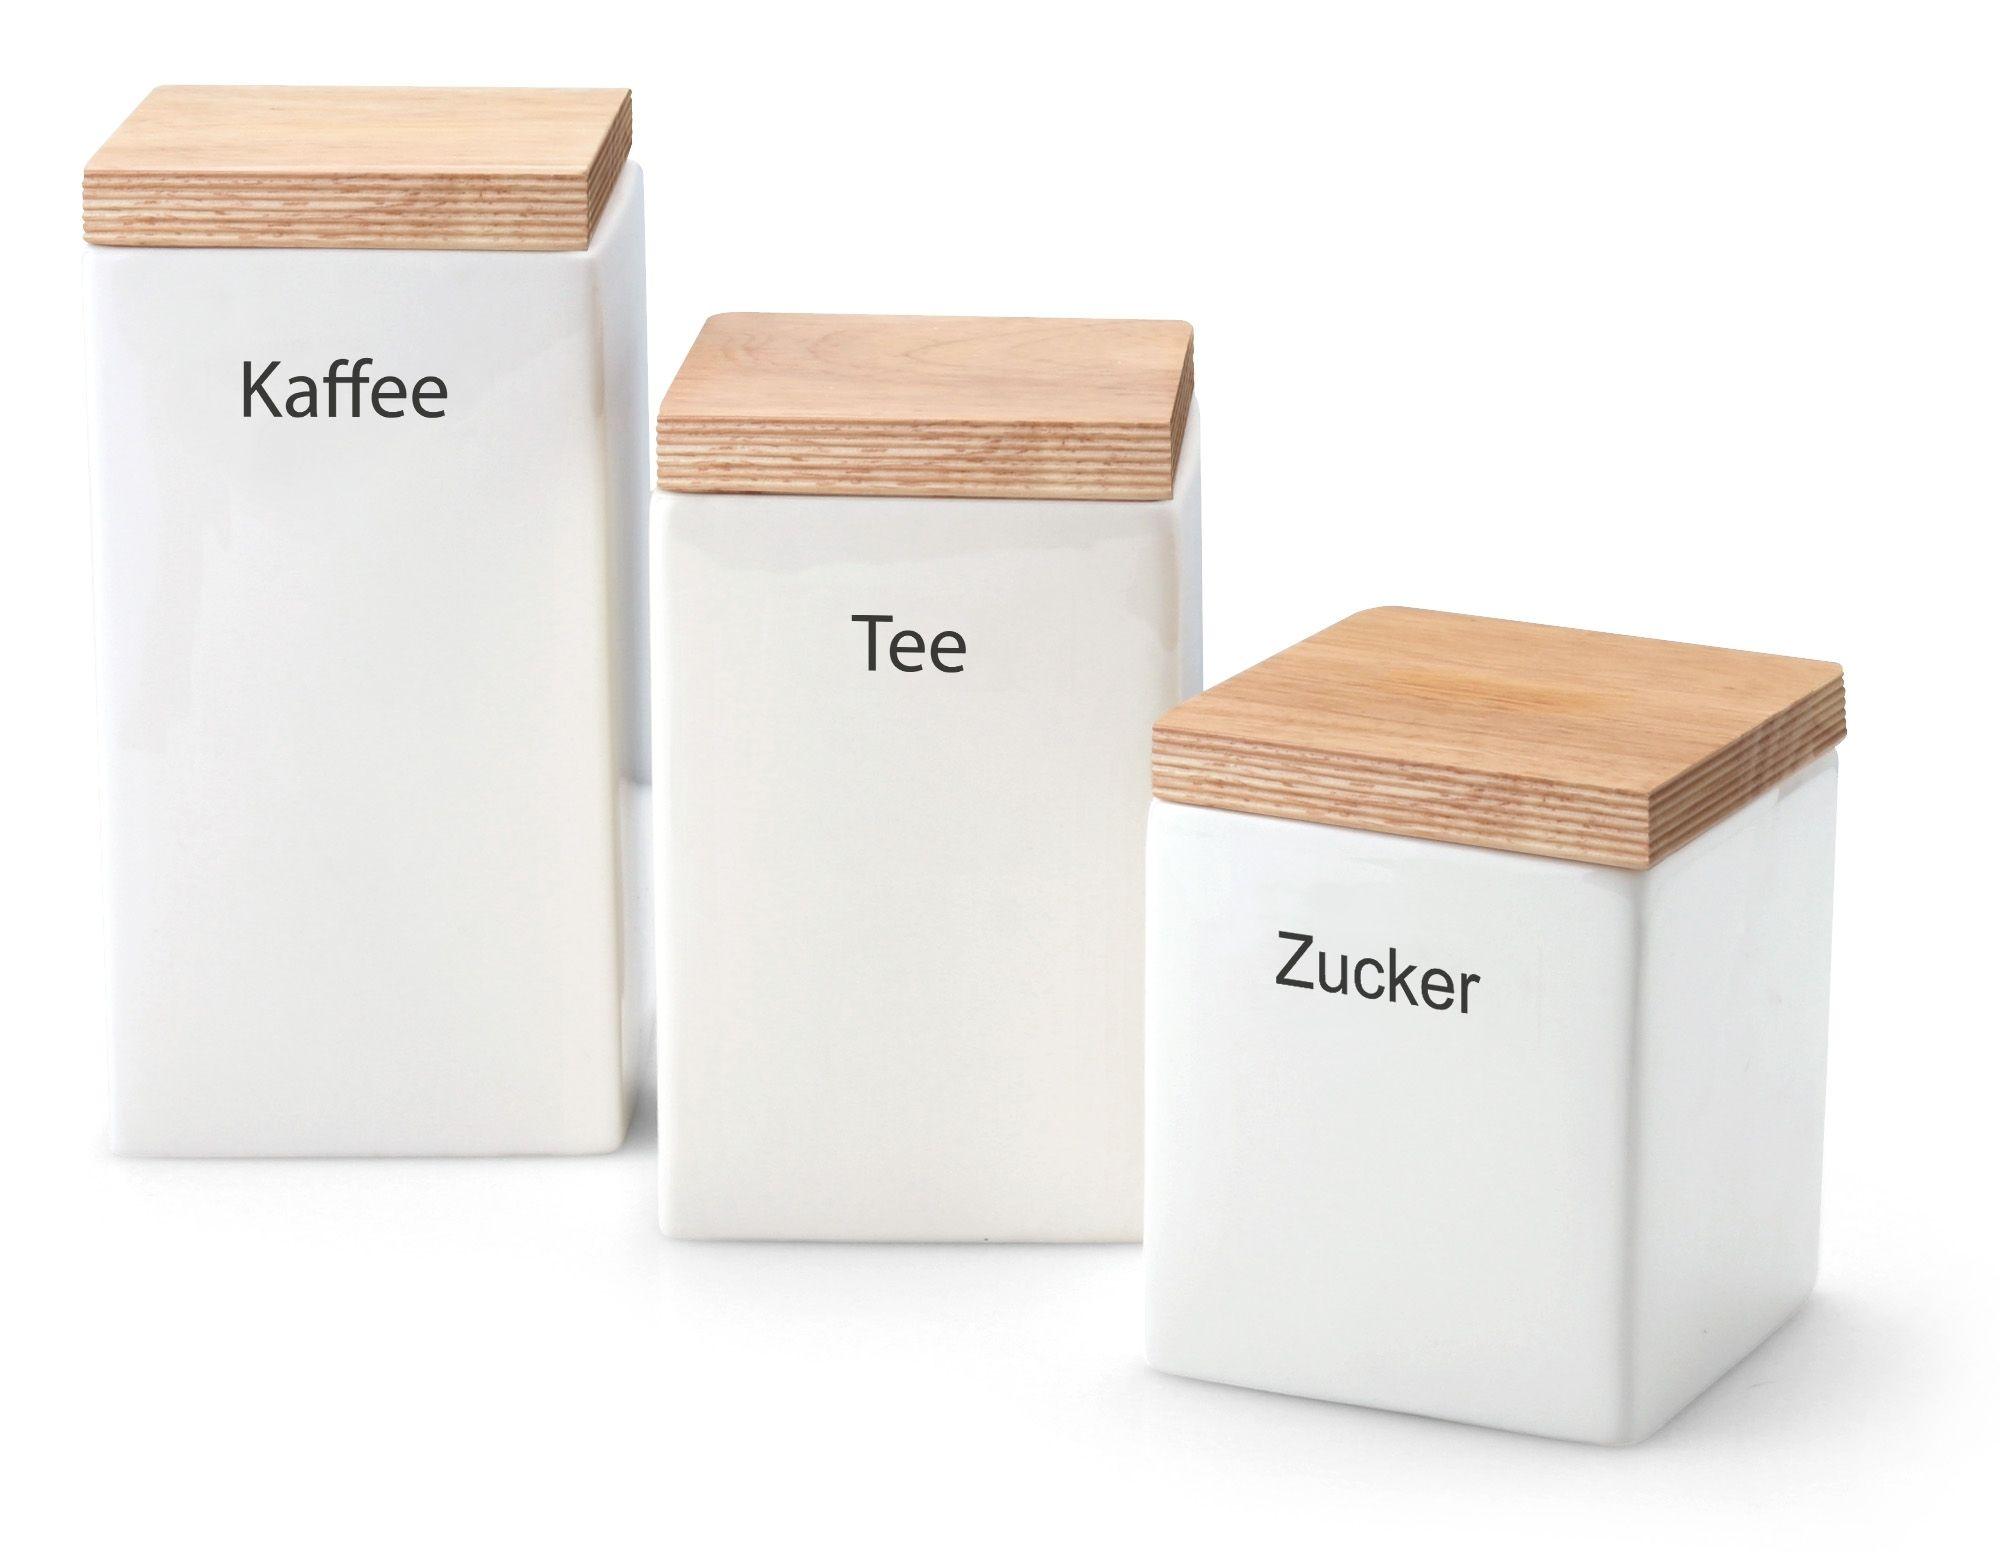 Continenta Vorratsdose aus Keramik, quadratisch, mit Holzdeckel, luftdichter Vorratsbehälter, erhältlich mit verschiedenen Fassungsvermögen